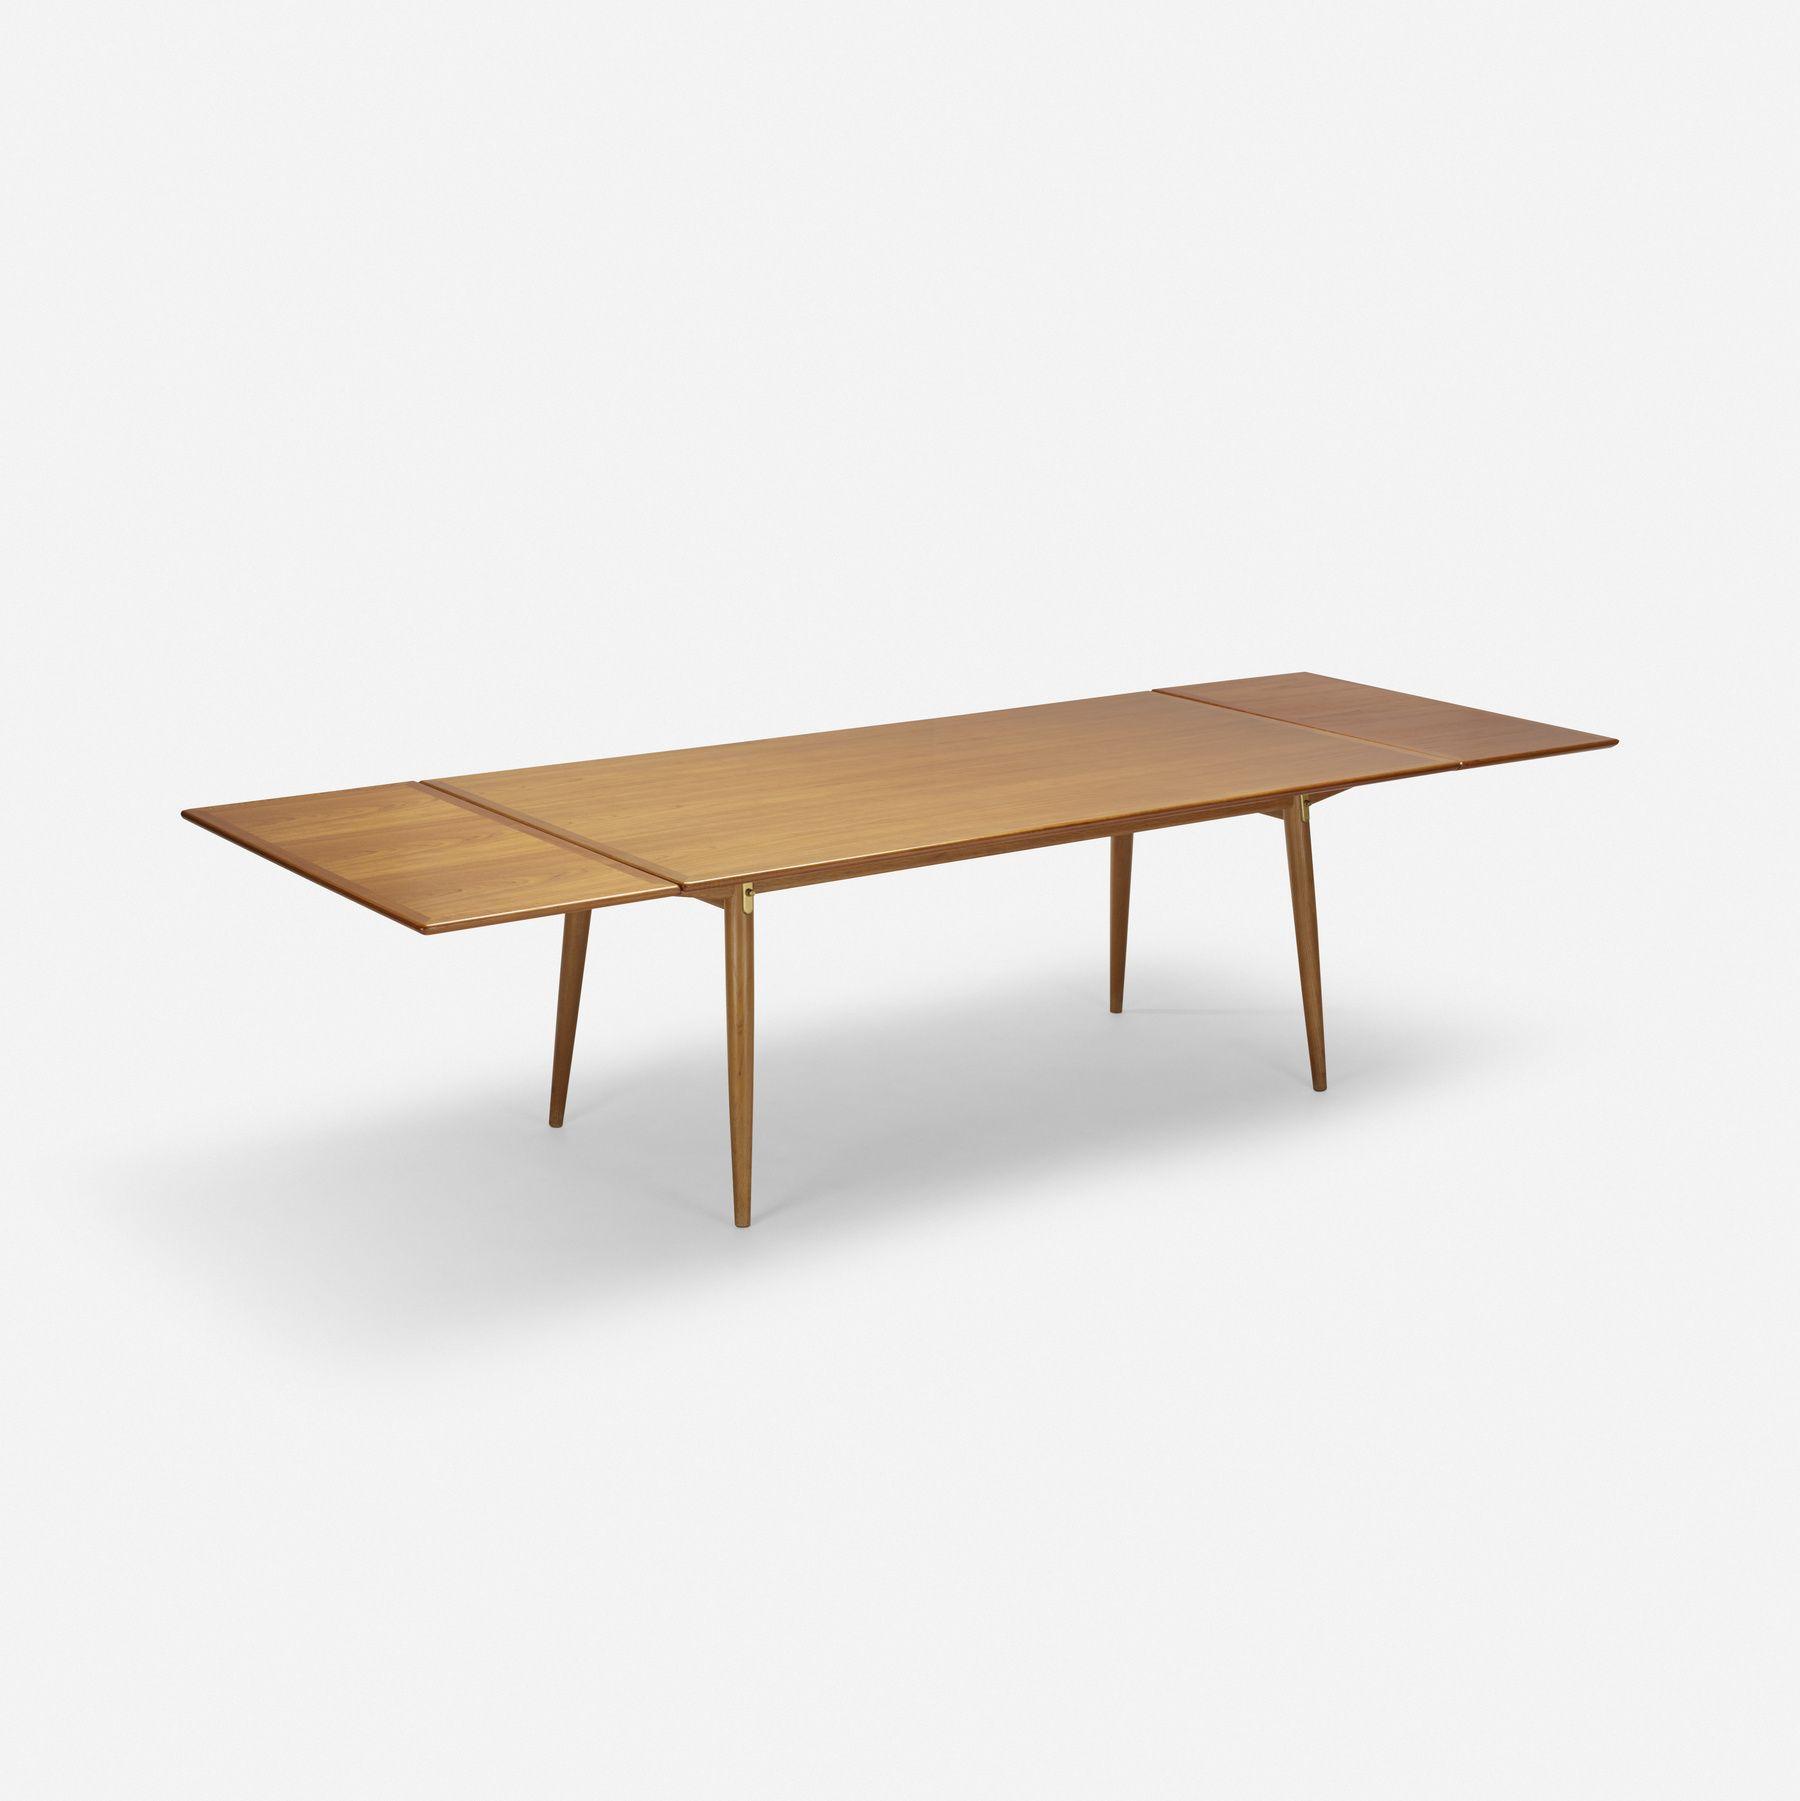 Hans J Wegner Dining Table Model Jh570 Wright20 Com